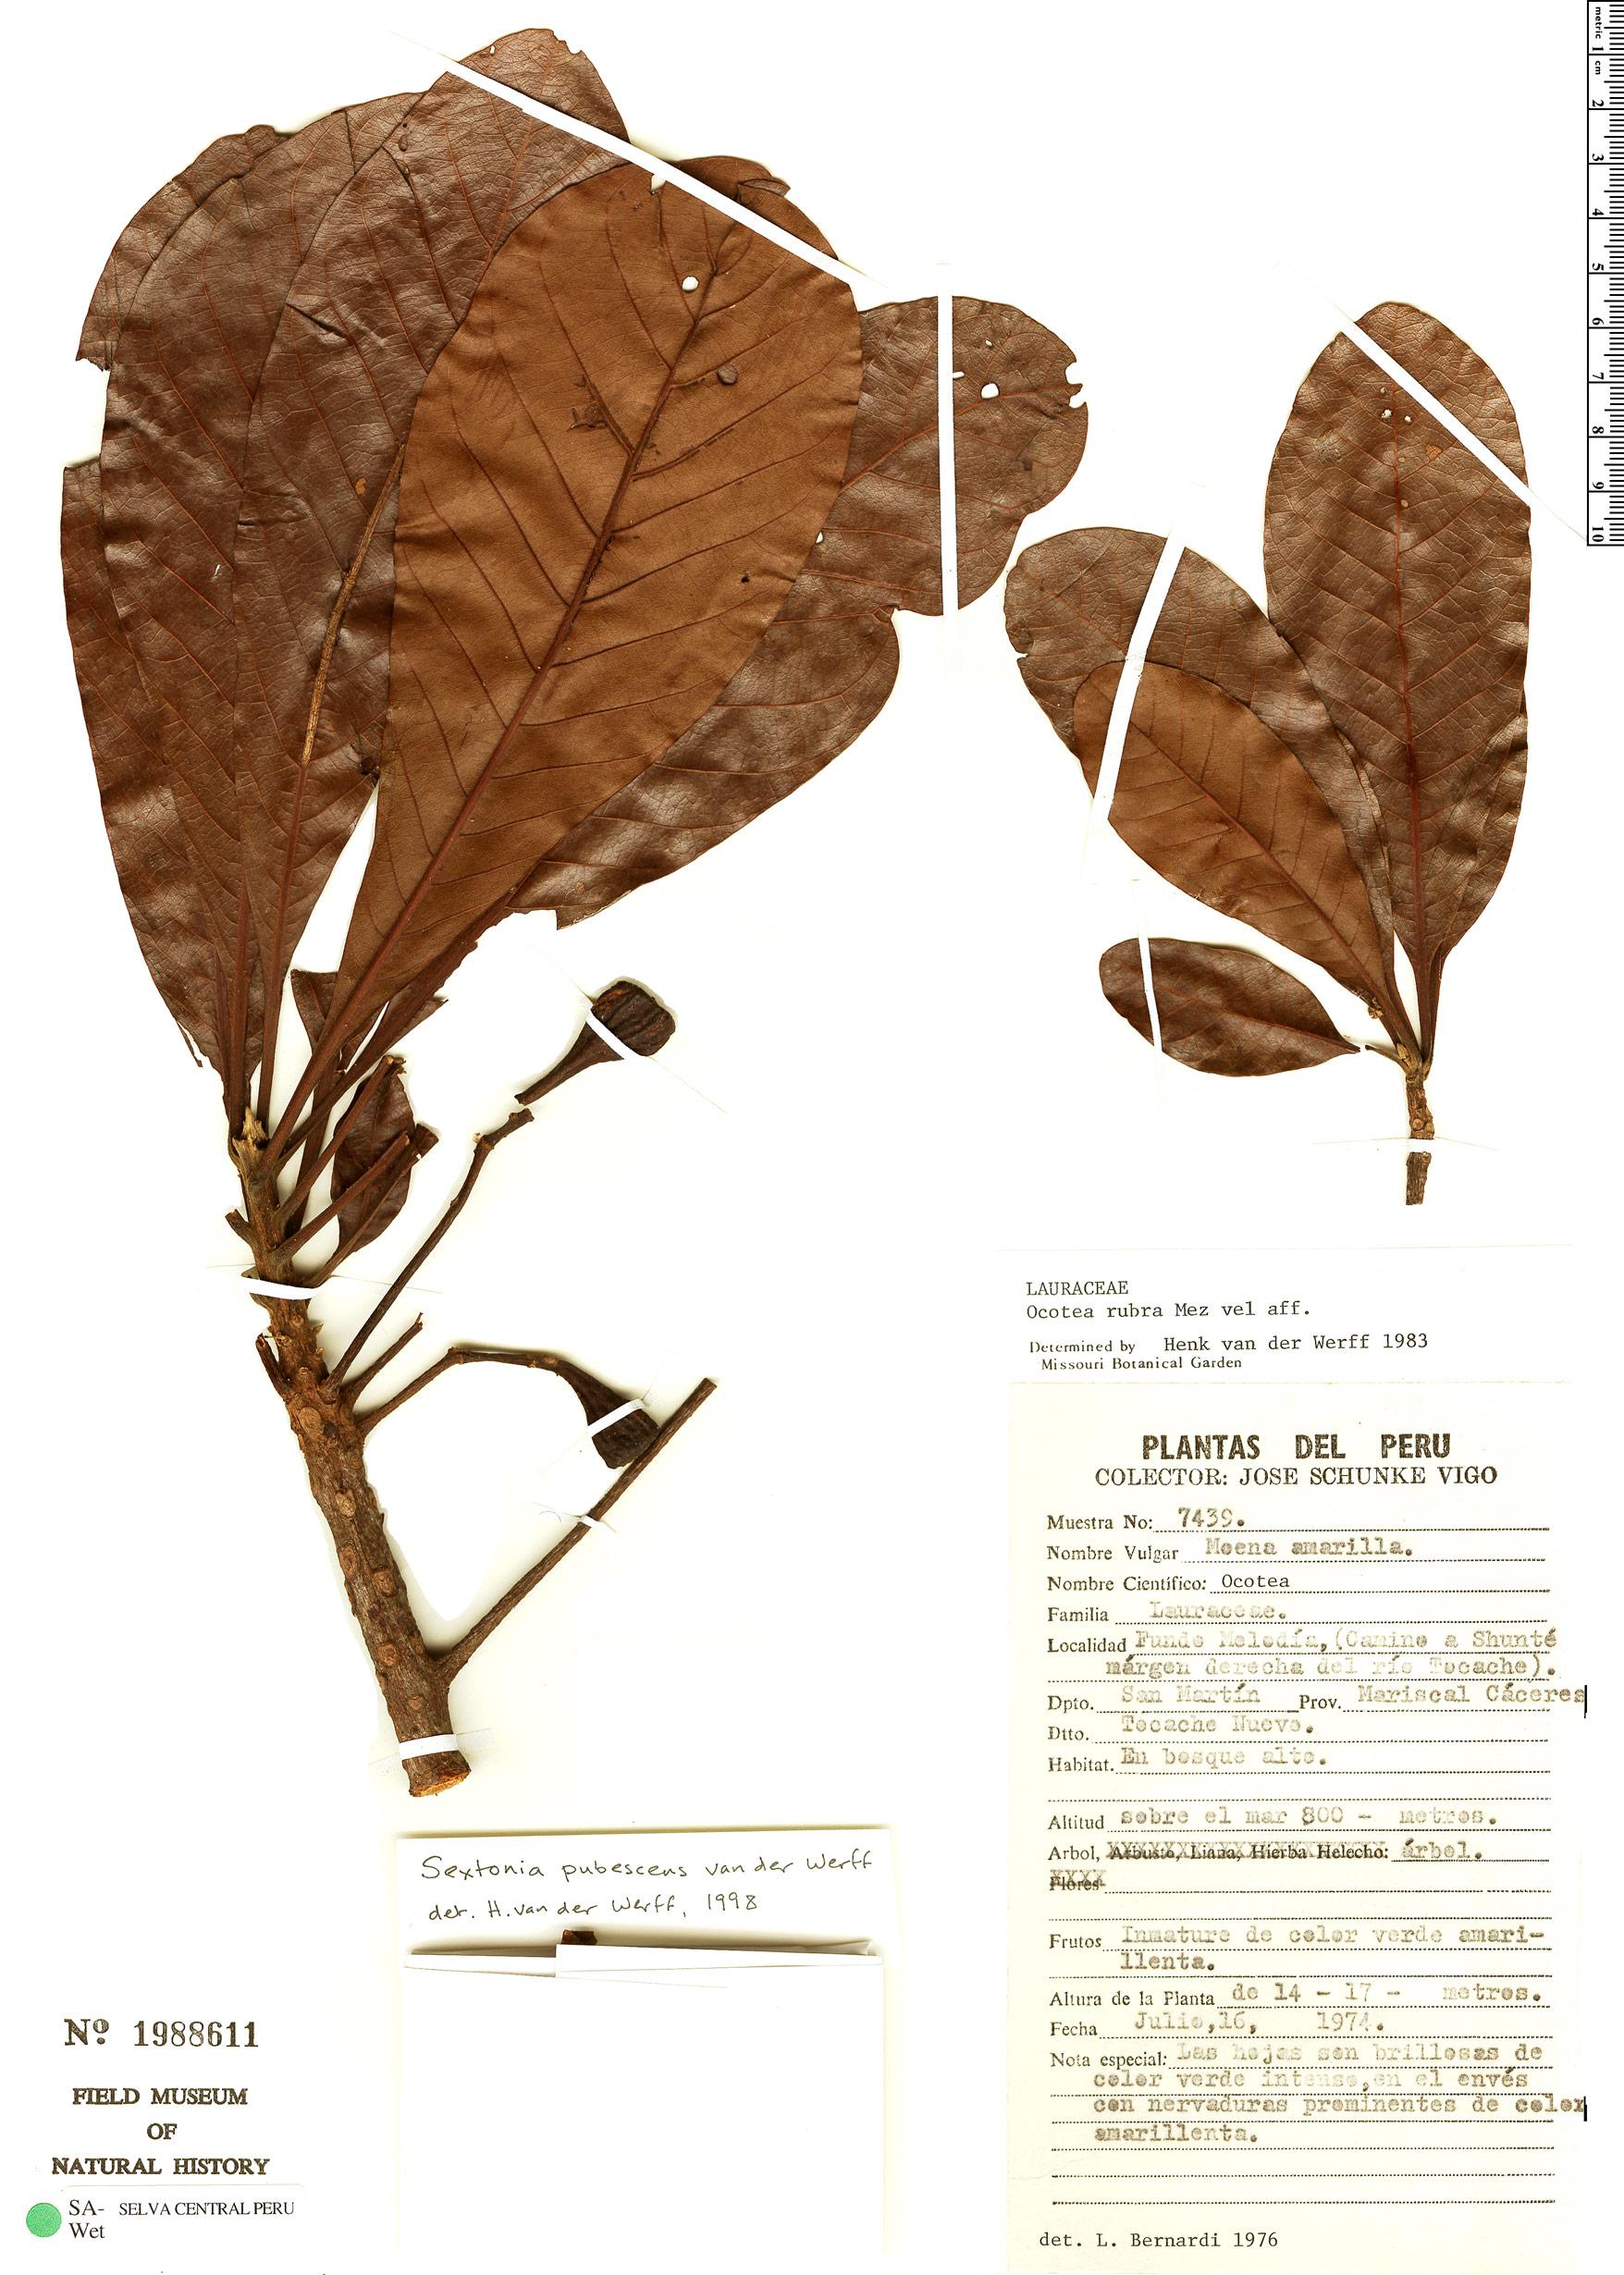 Specimen: Sextonia pubescens